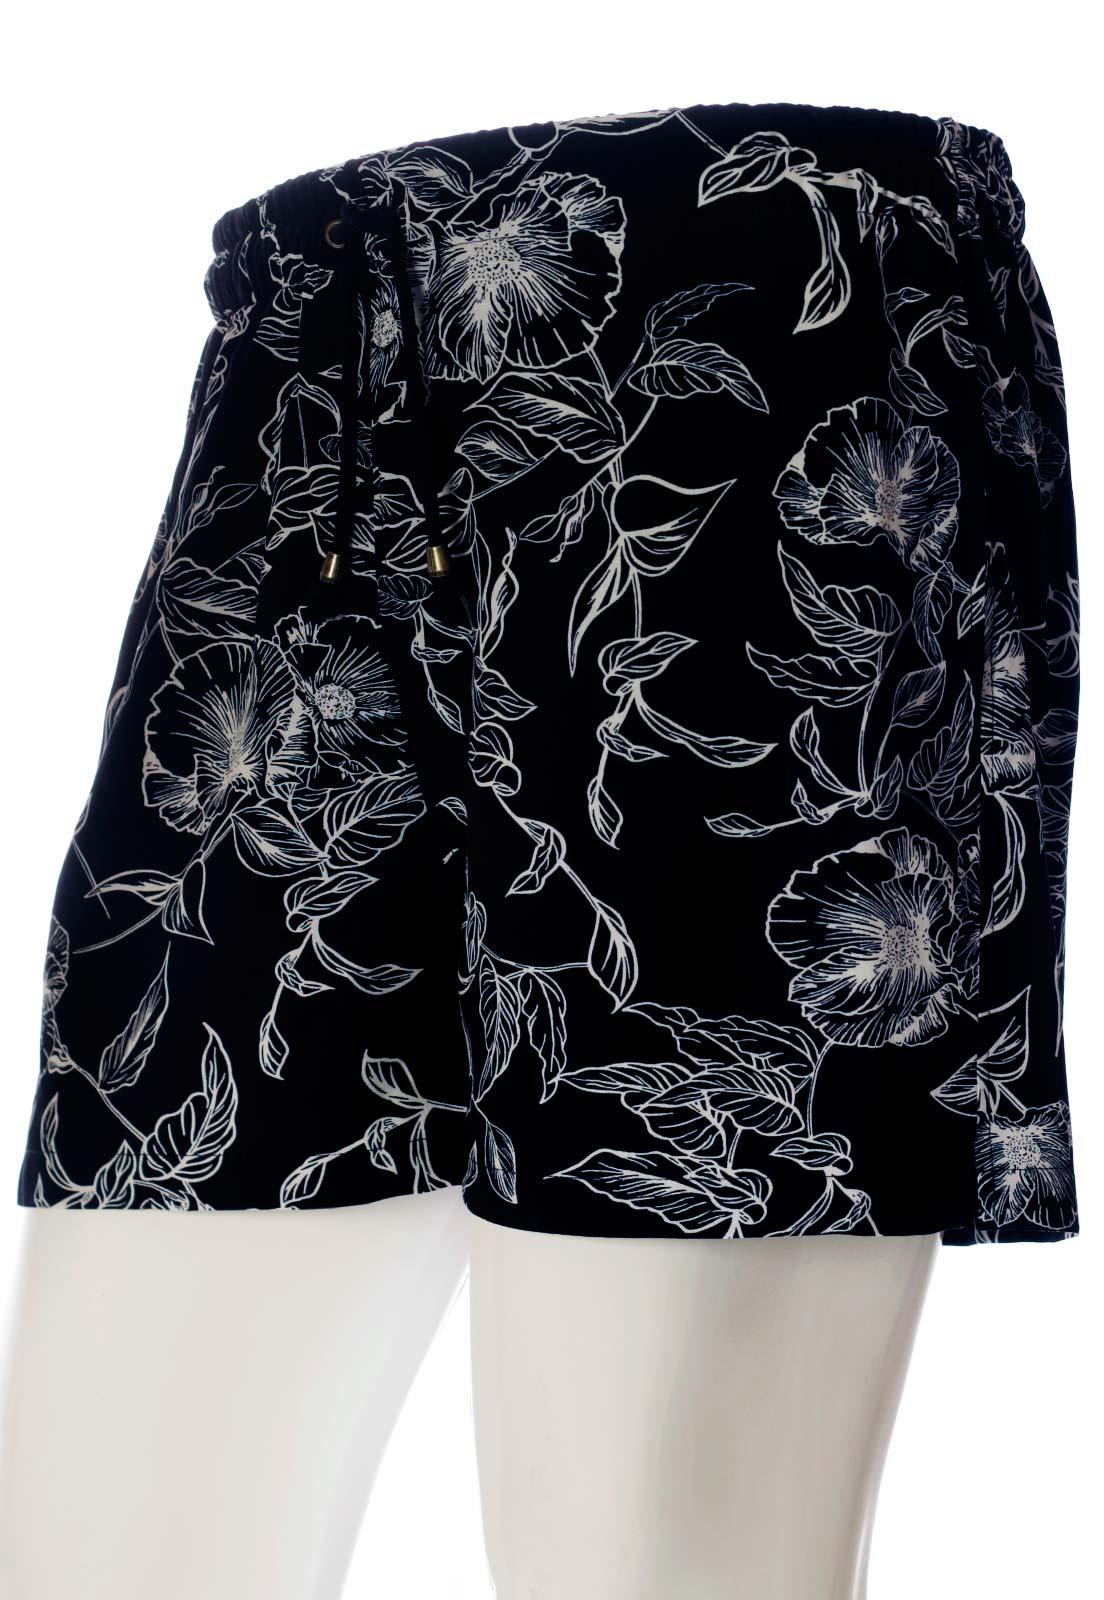 Shorts Floral Estampado Grace Florido Unissex Preto